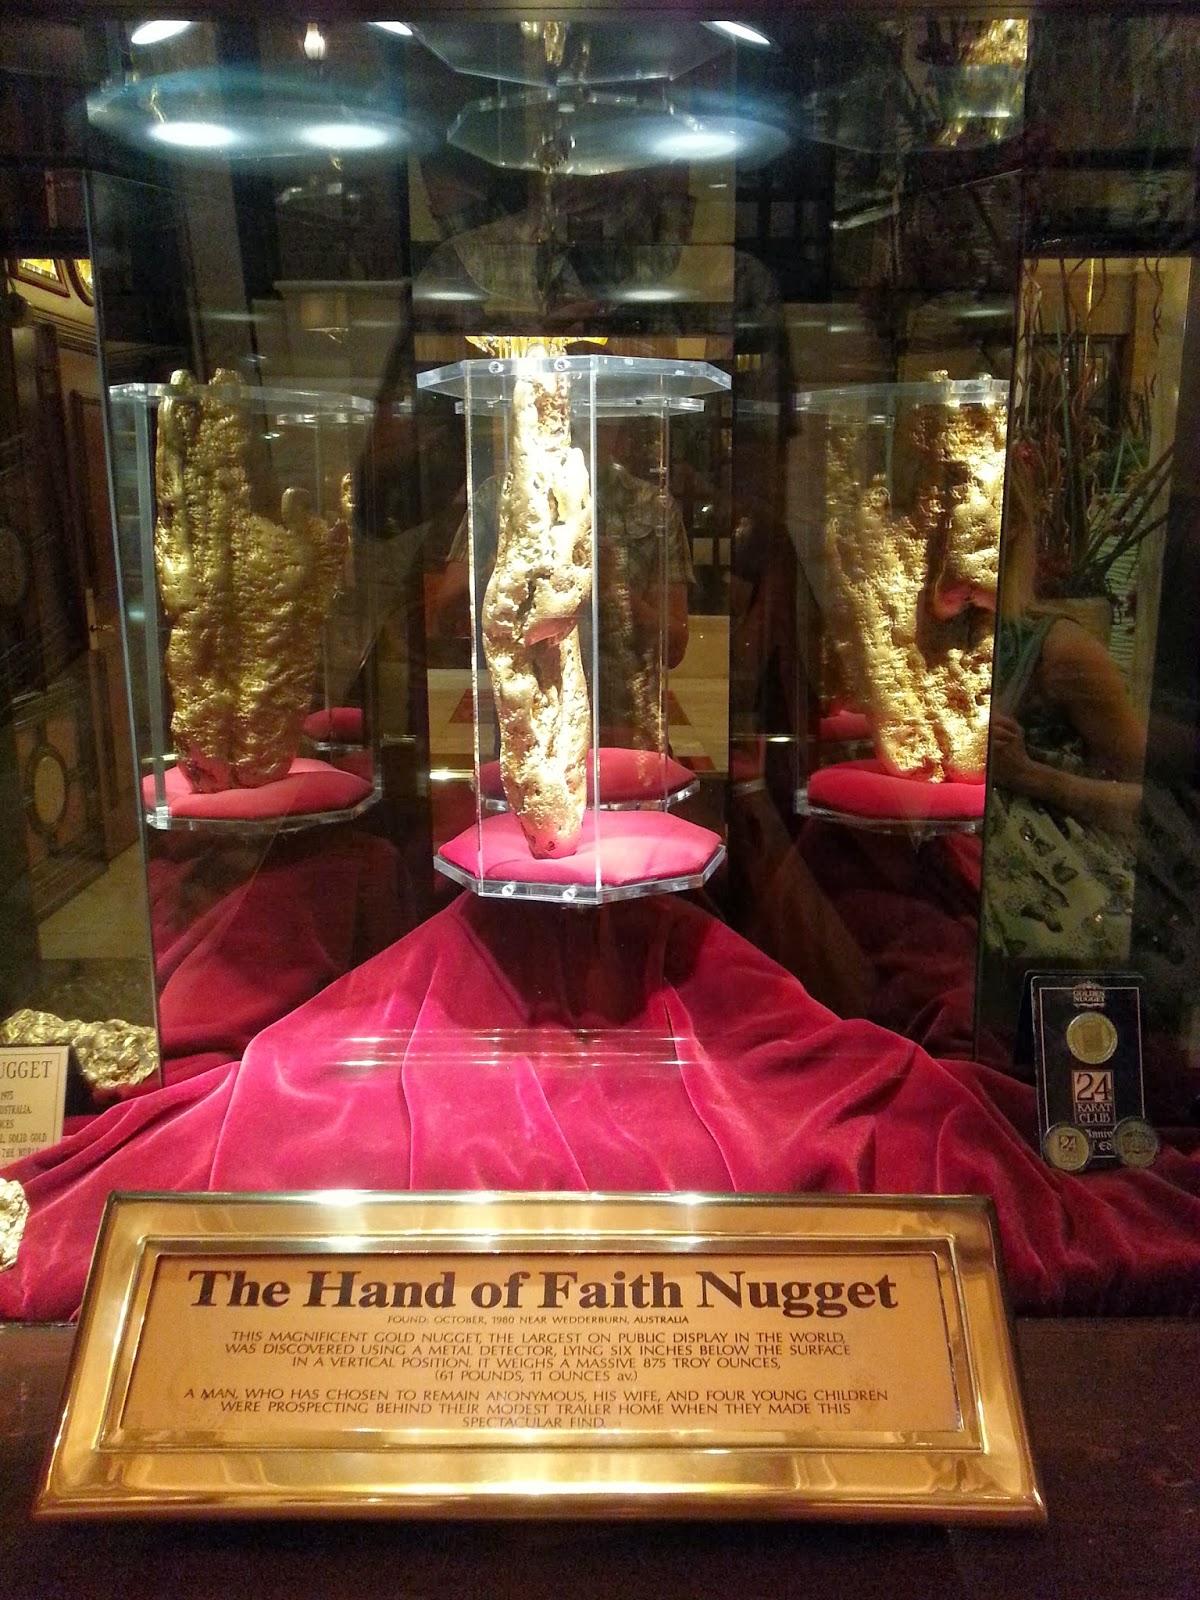 Hand Of Faith Nugget